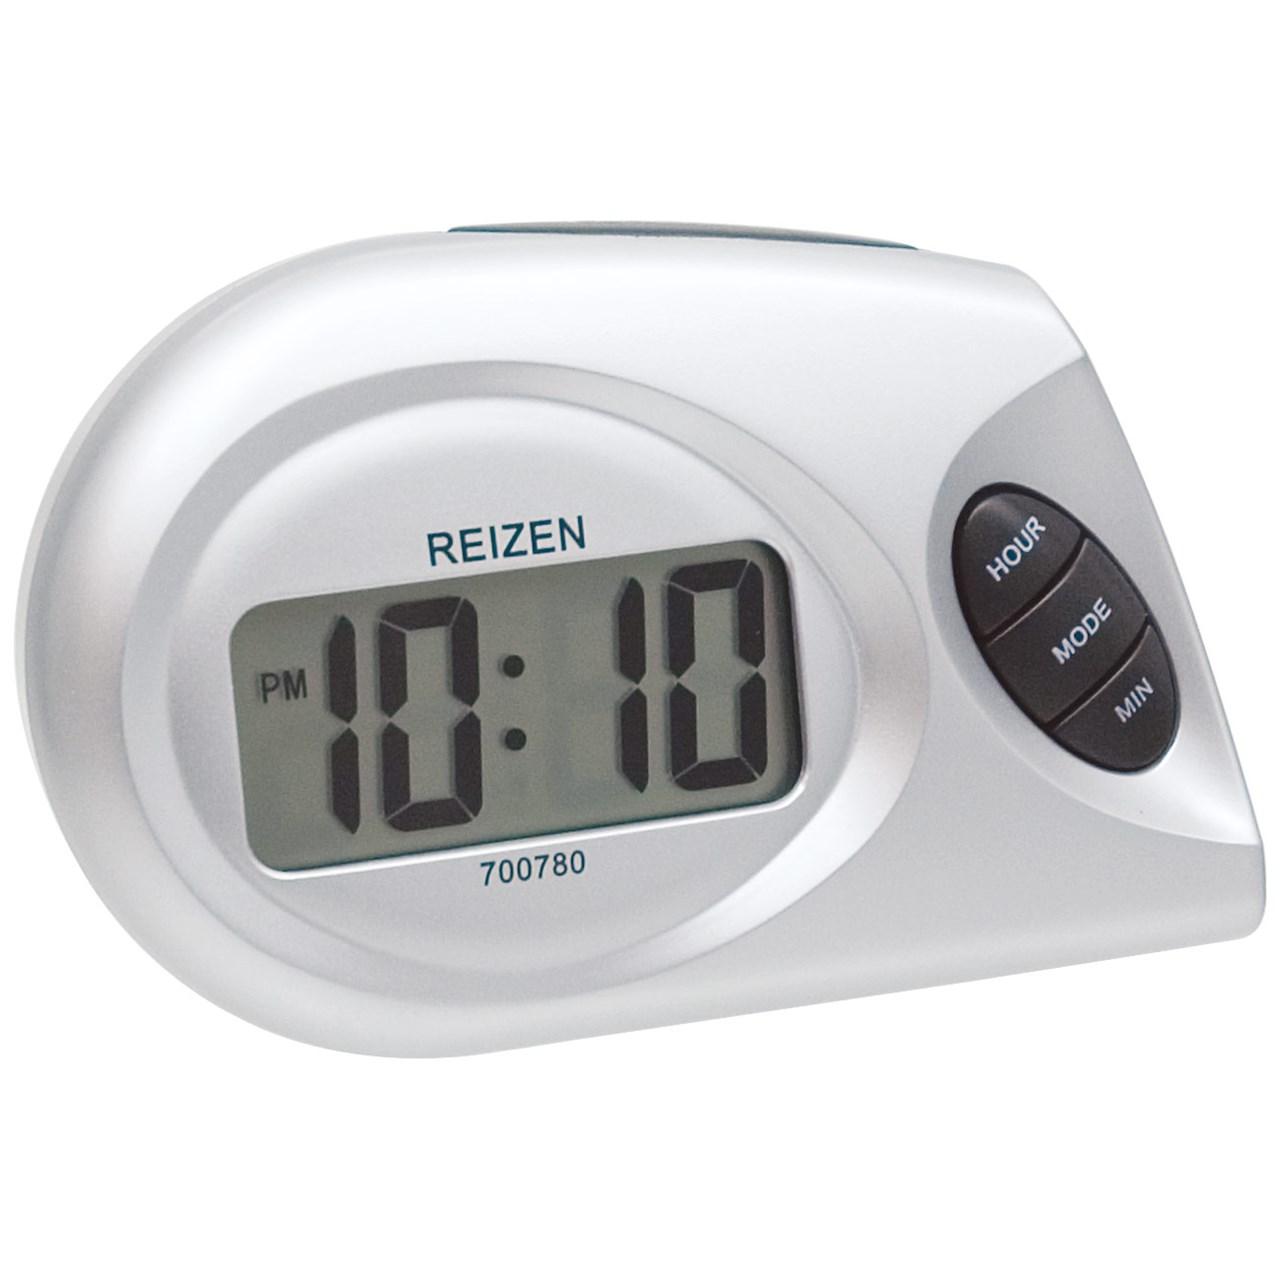 Maxiaids reizen lcd talking alarm clock designer style for Designer alarm clock